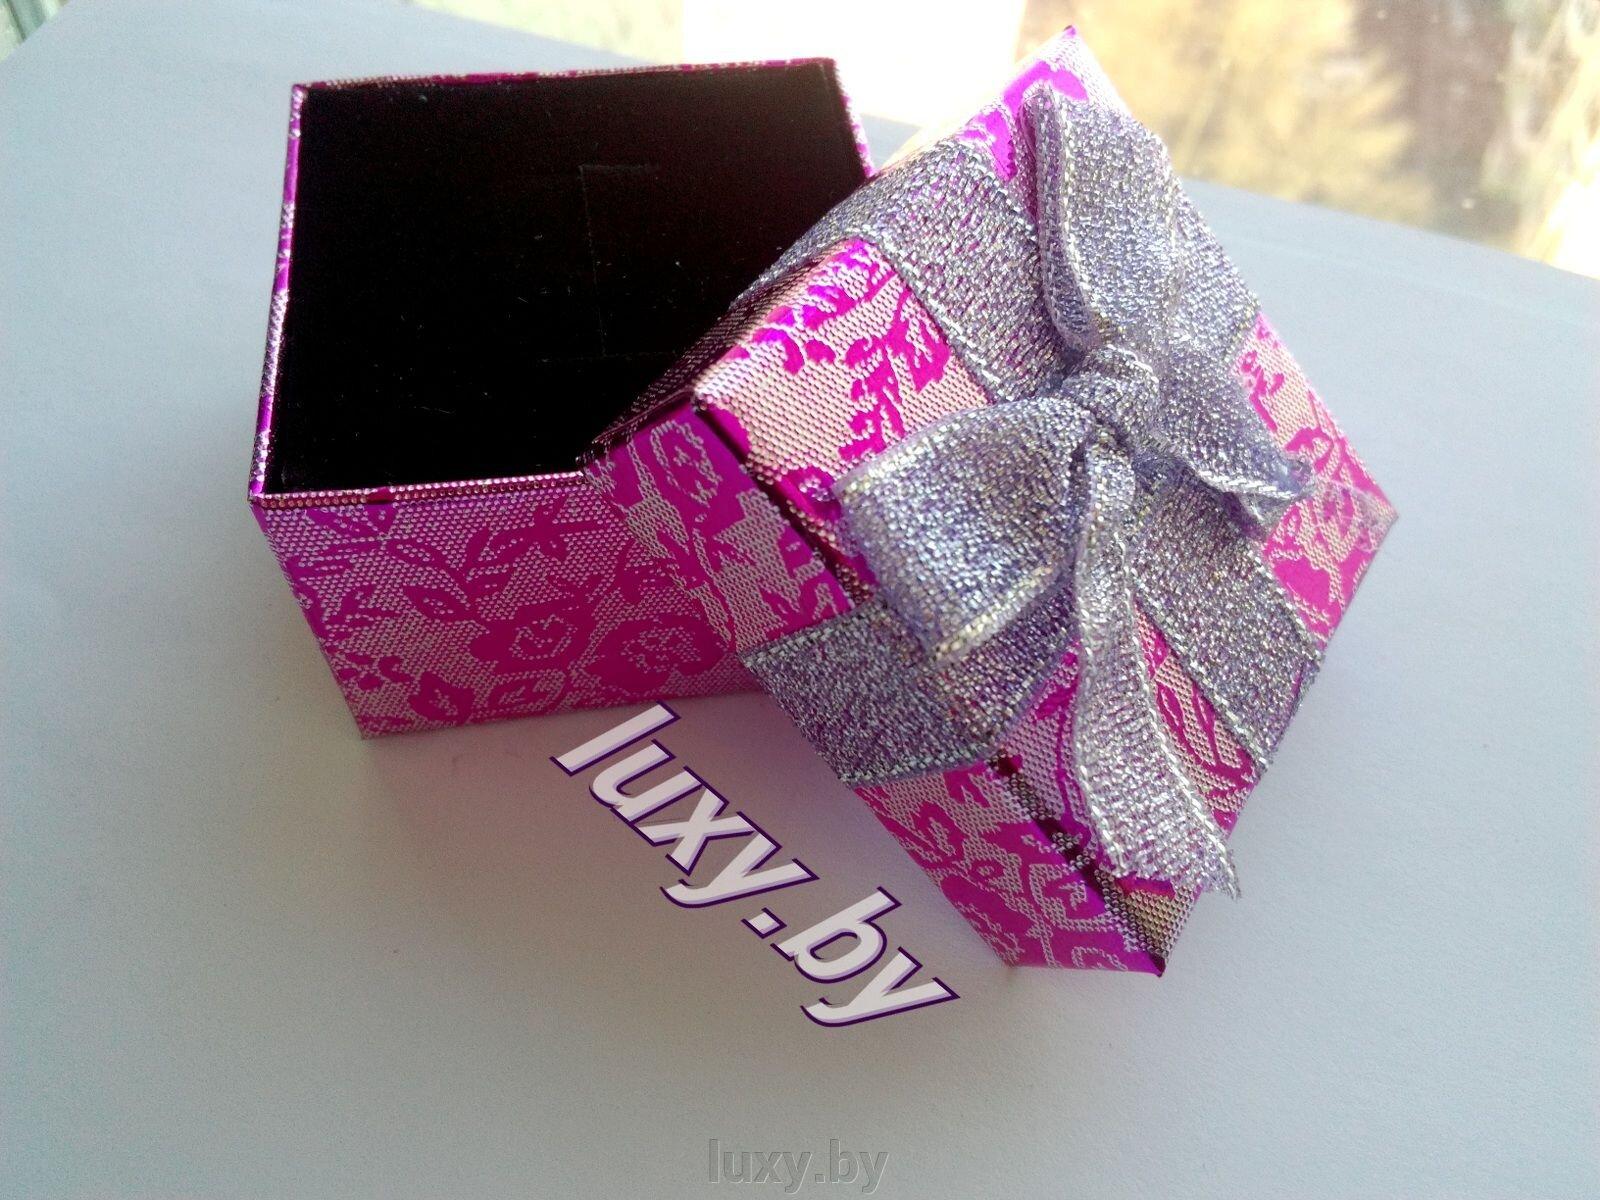 Подарочная коробочка в горошек  УП 10 - фото pic_54c7f8cd71dc8c3_1920x9000_1.jpg